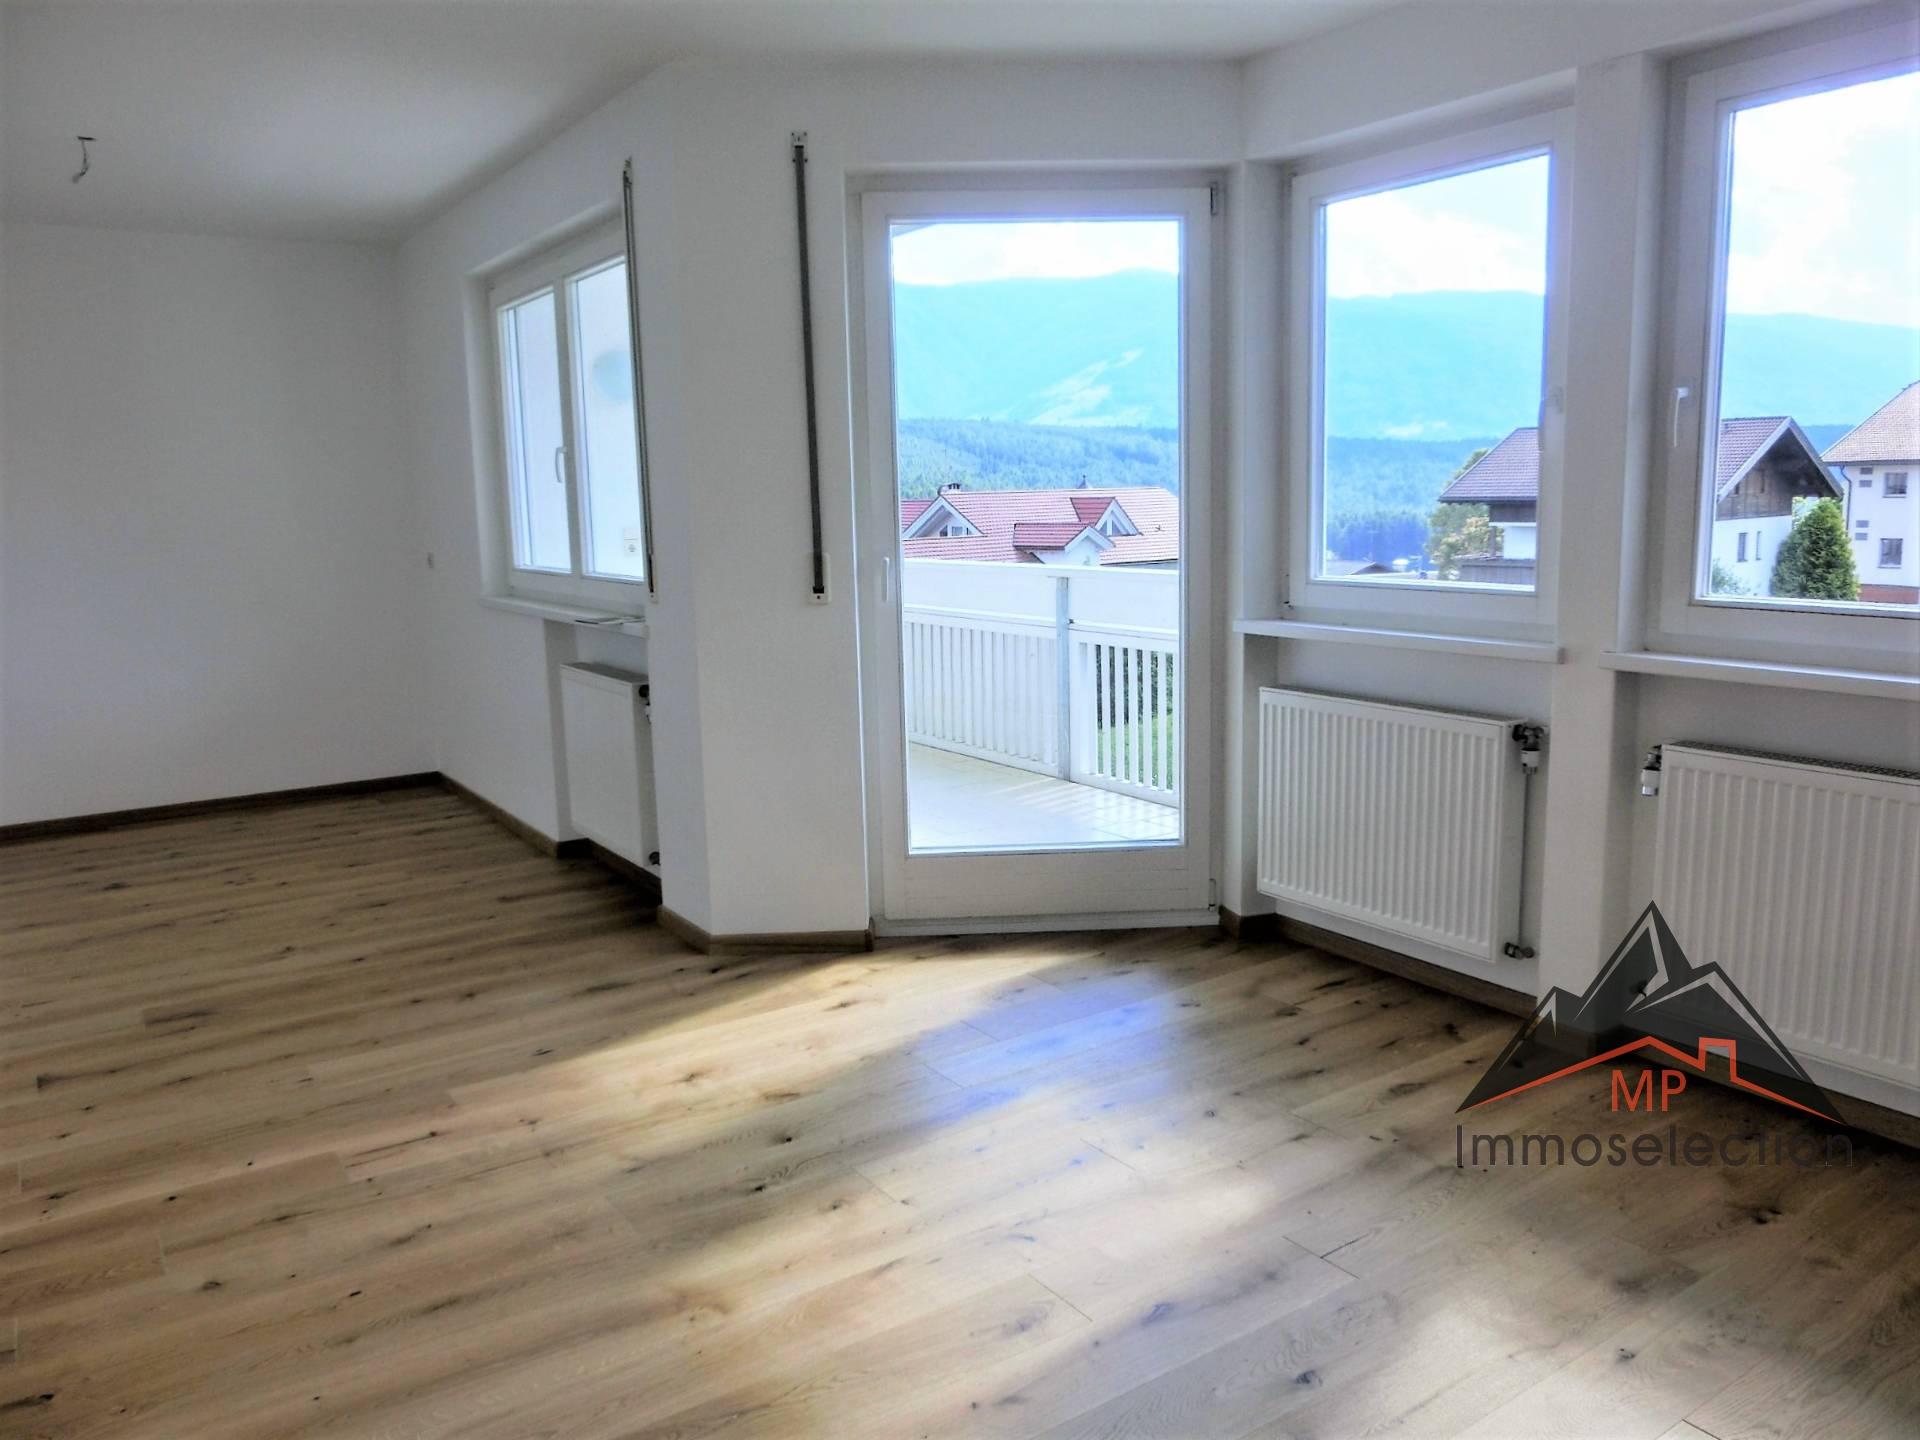 Appartamento in vendita a Falzes, 3 locali, prezzo € 270.000   CambioCasa.it